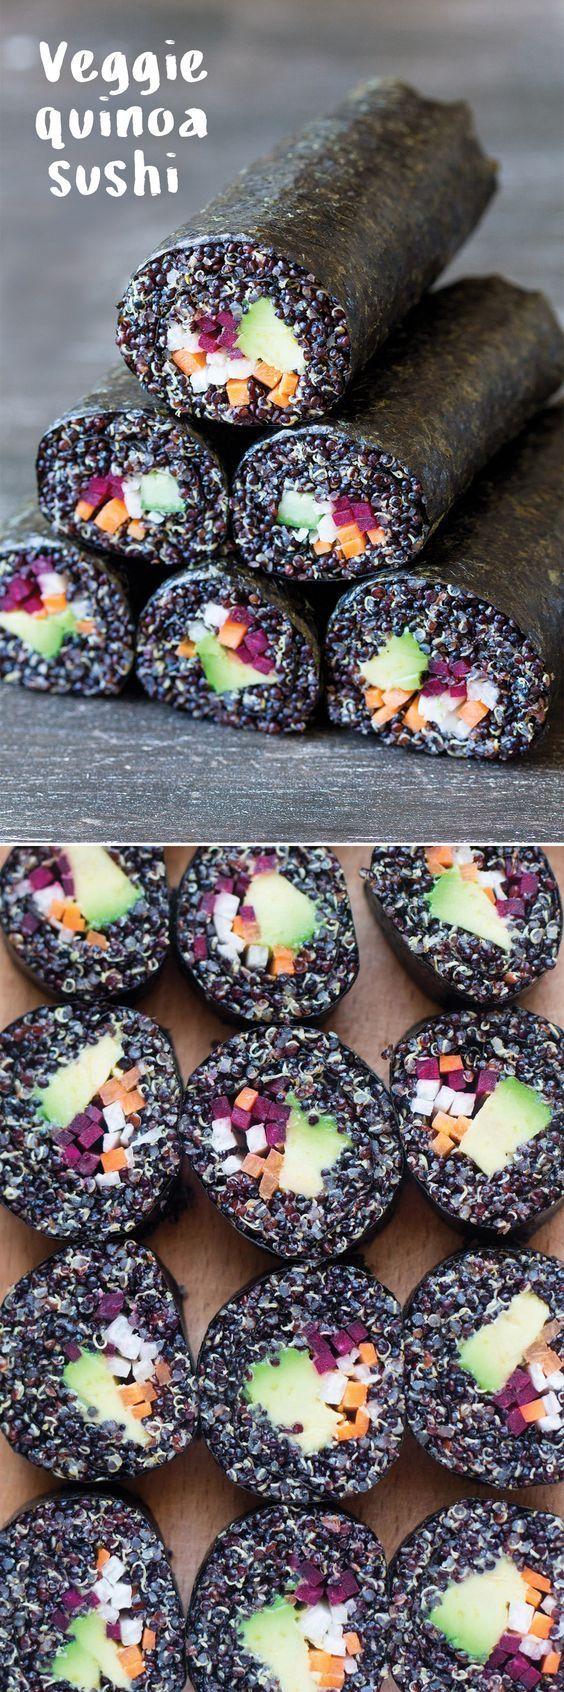 Veggie quinoa sushi #naturalskincare #skincareproducts #Australianskincare #AqiskinCare #australianmade